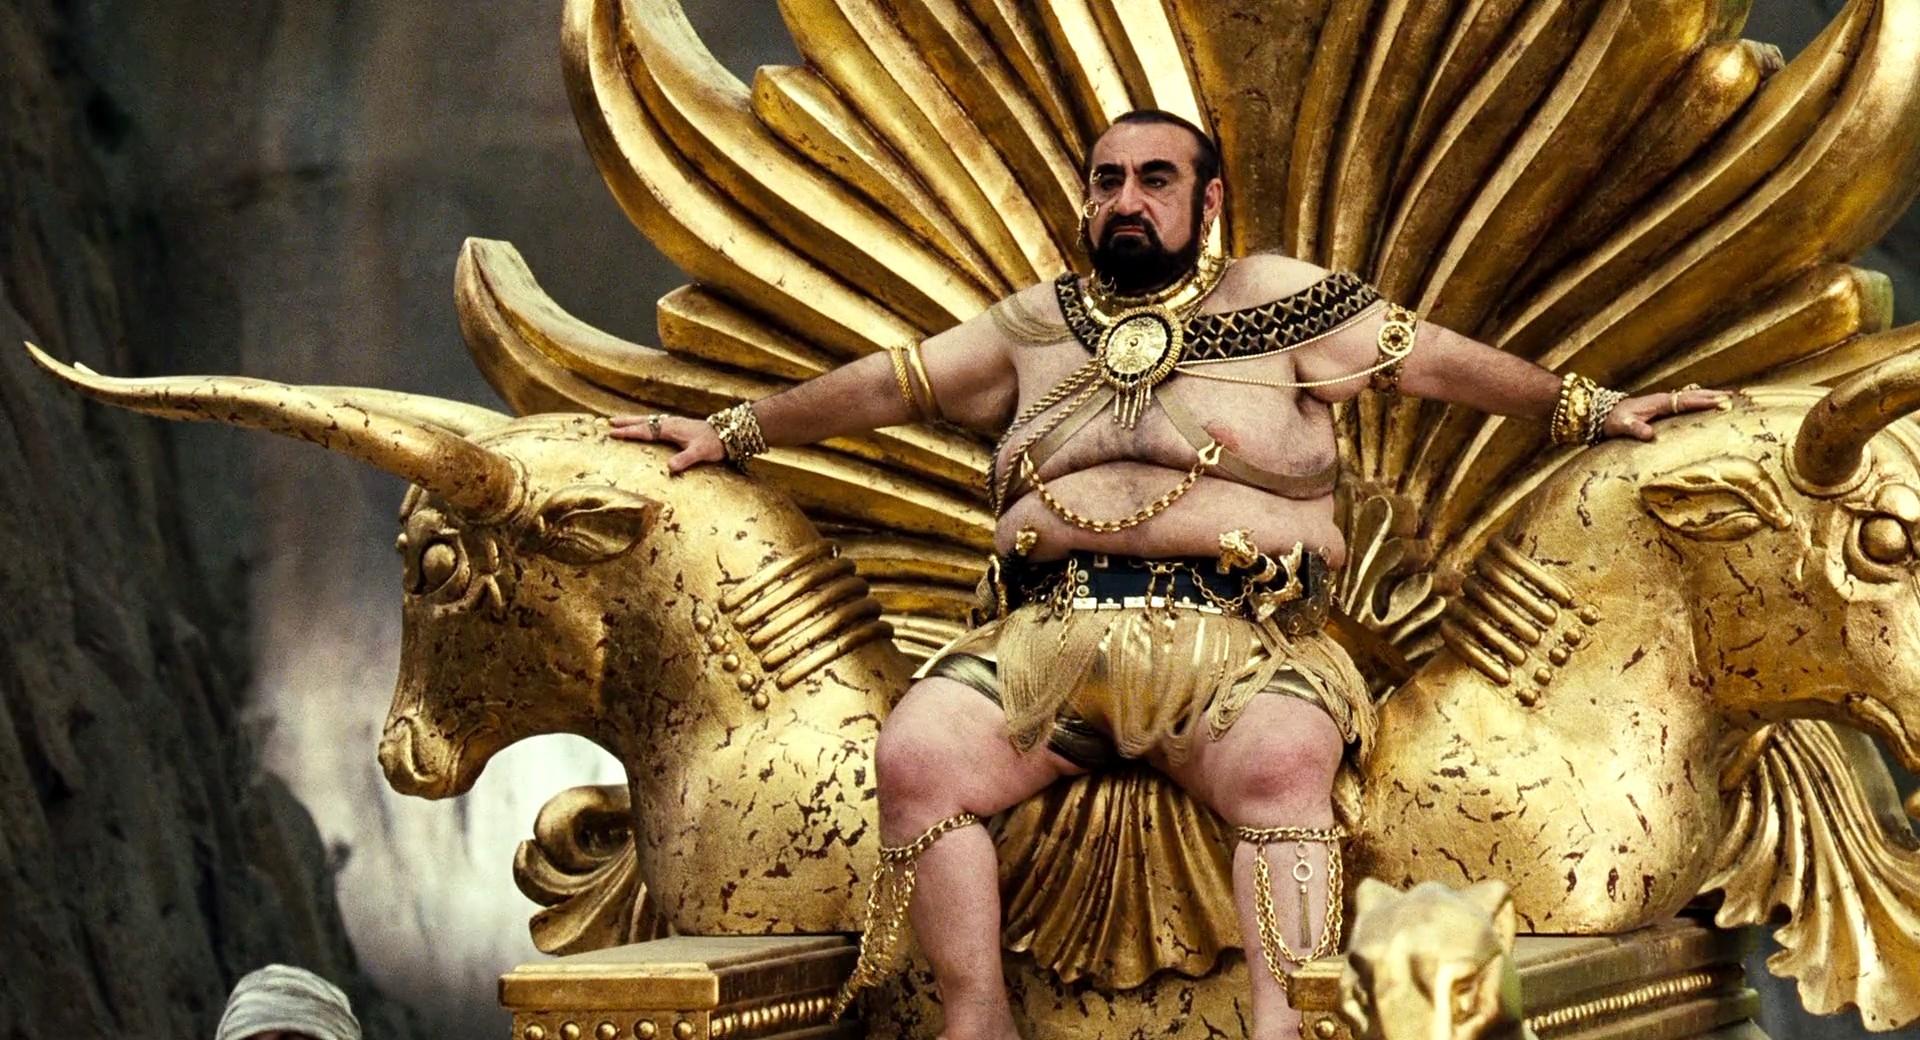 Ken Davitian as King Xerxes in Meet the Spartans (2008)